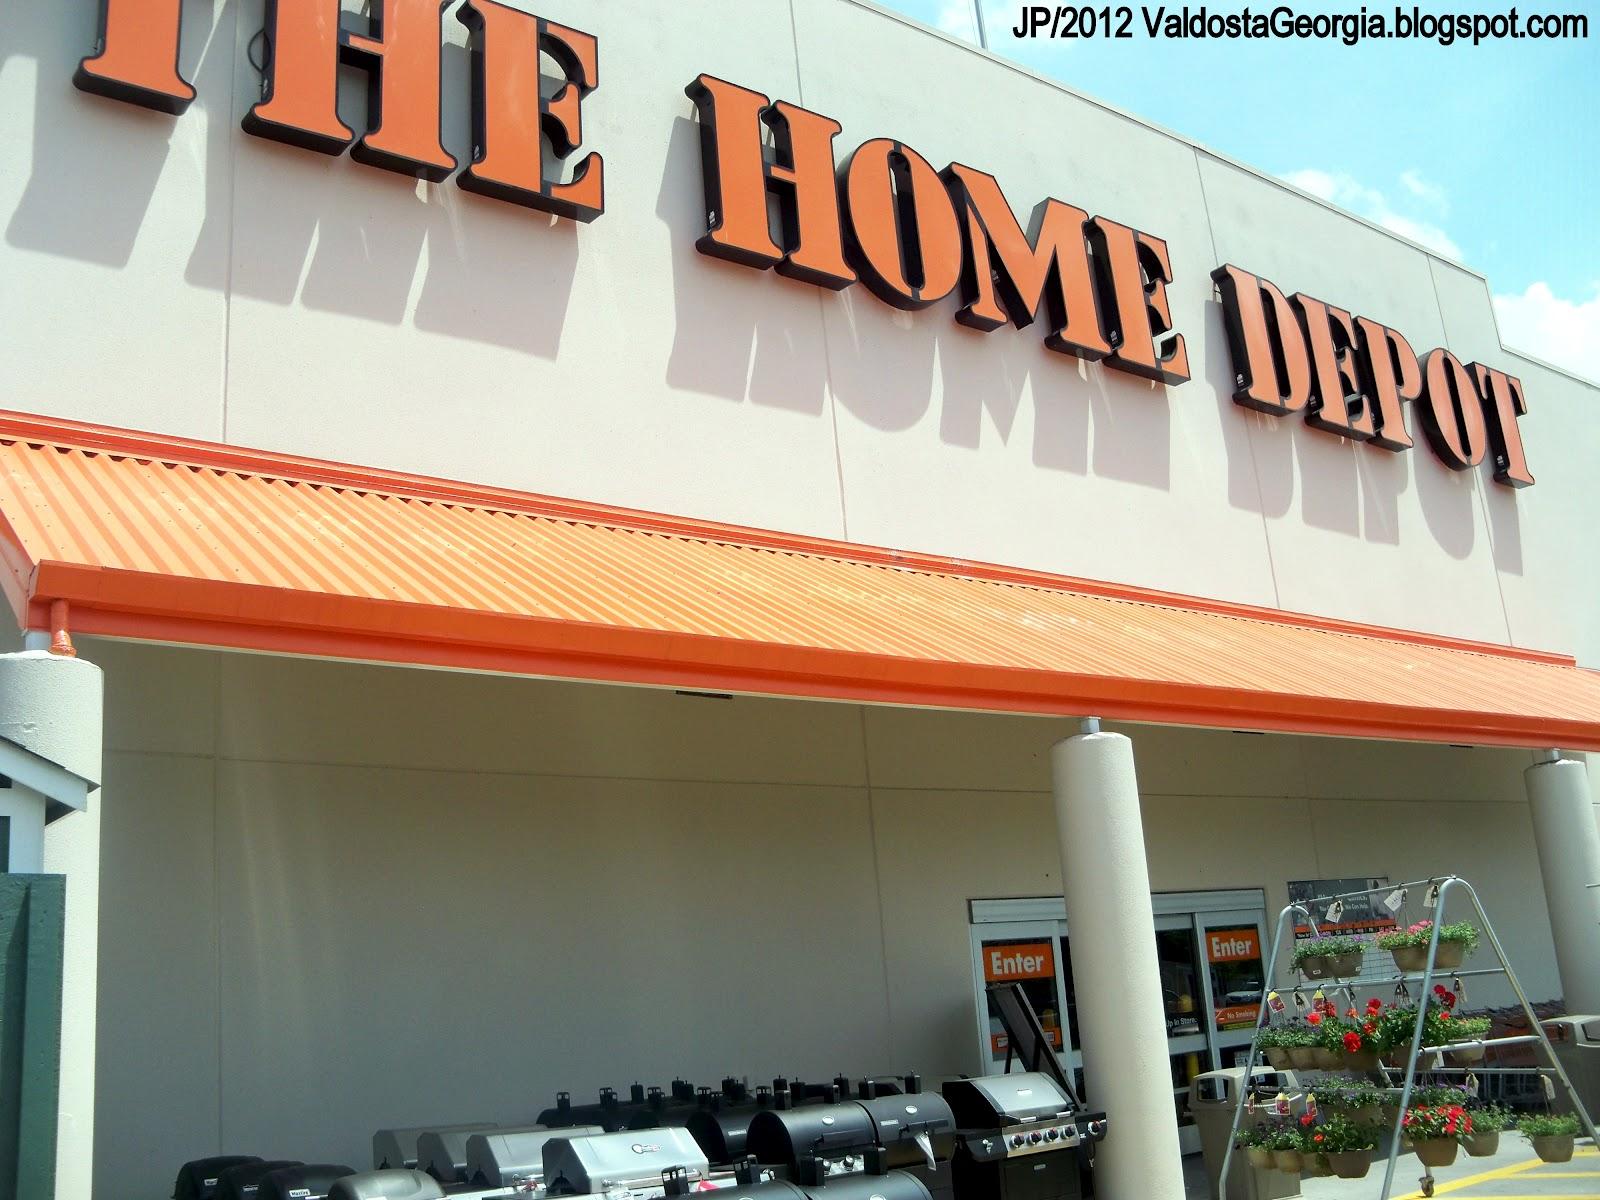 Home depot hours auburn maine insured by ross for Home builders in valdosta ga